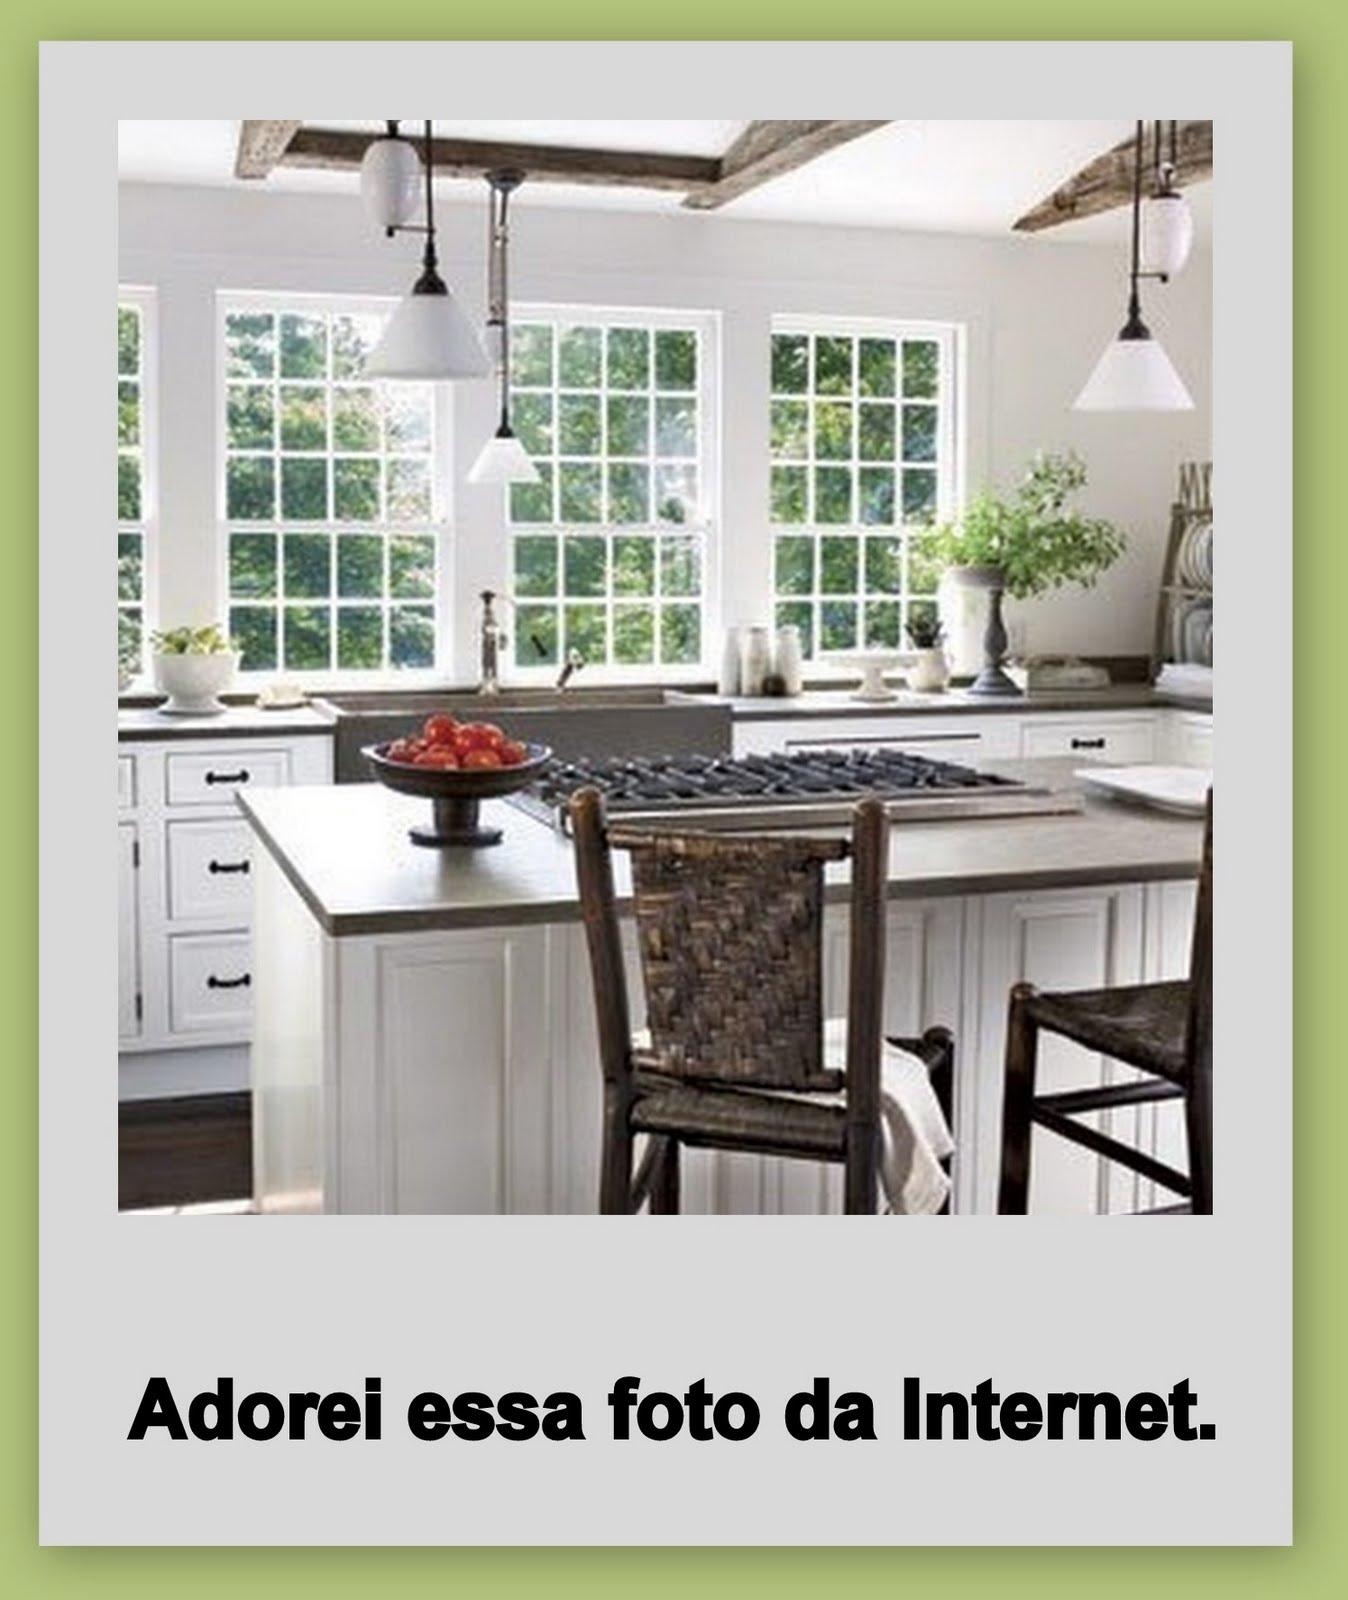 #788645 Nasci numa casa grande com várias portas e janelas  1348x1600 px Projeto De Cozinha Com Janela_4573 Imagens